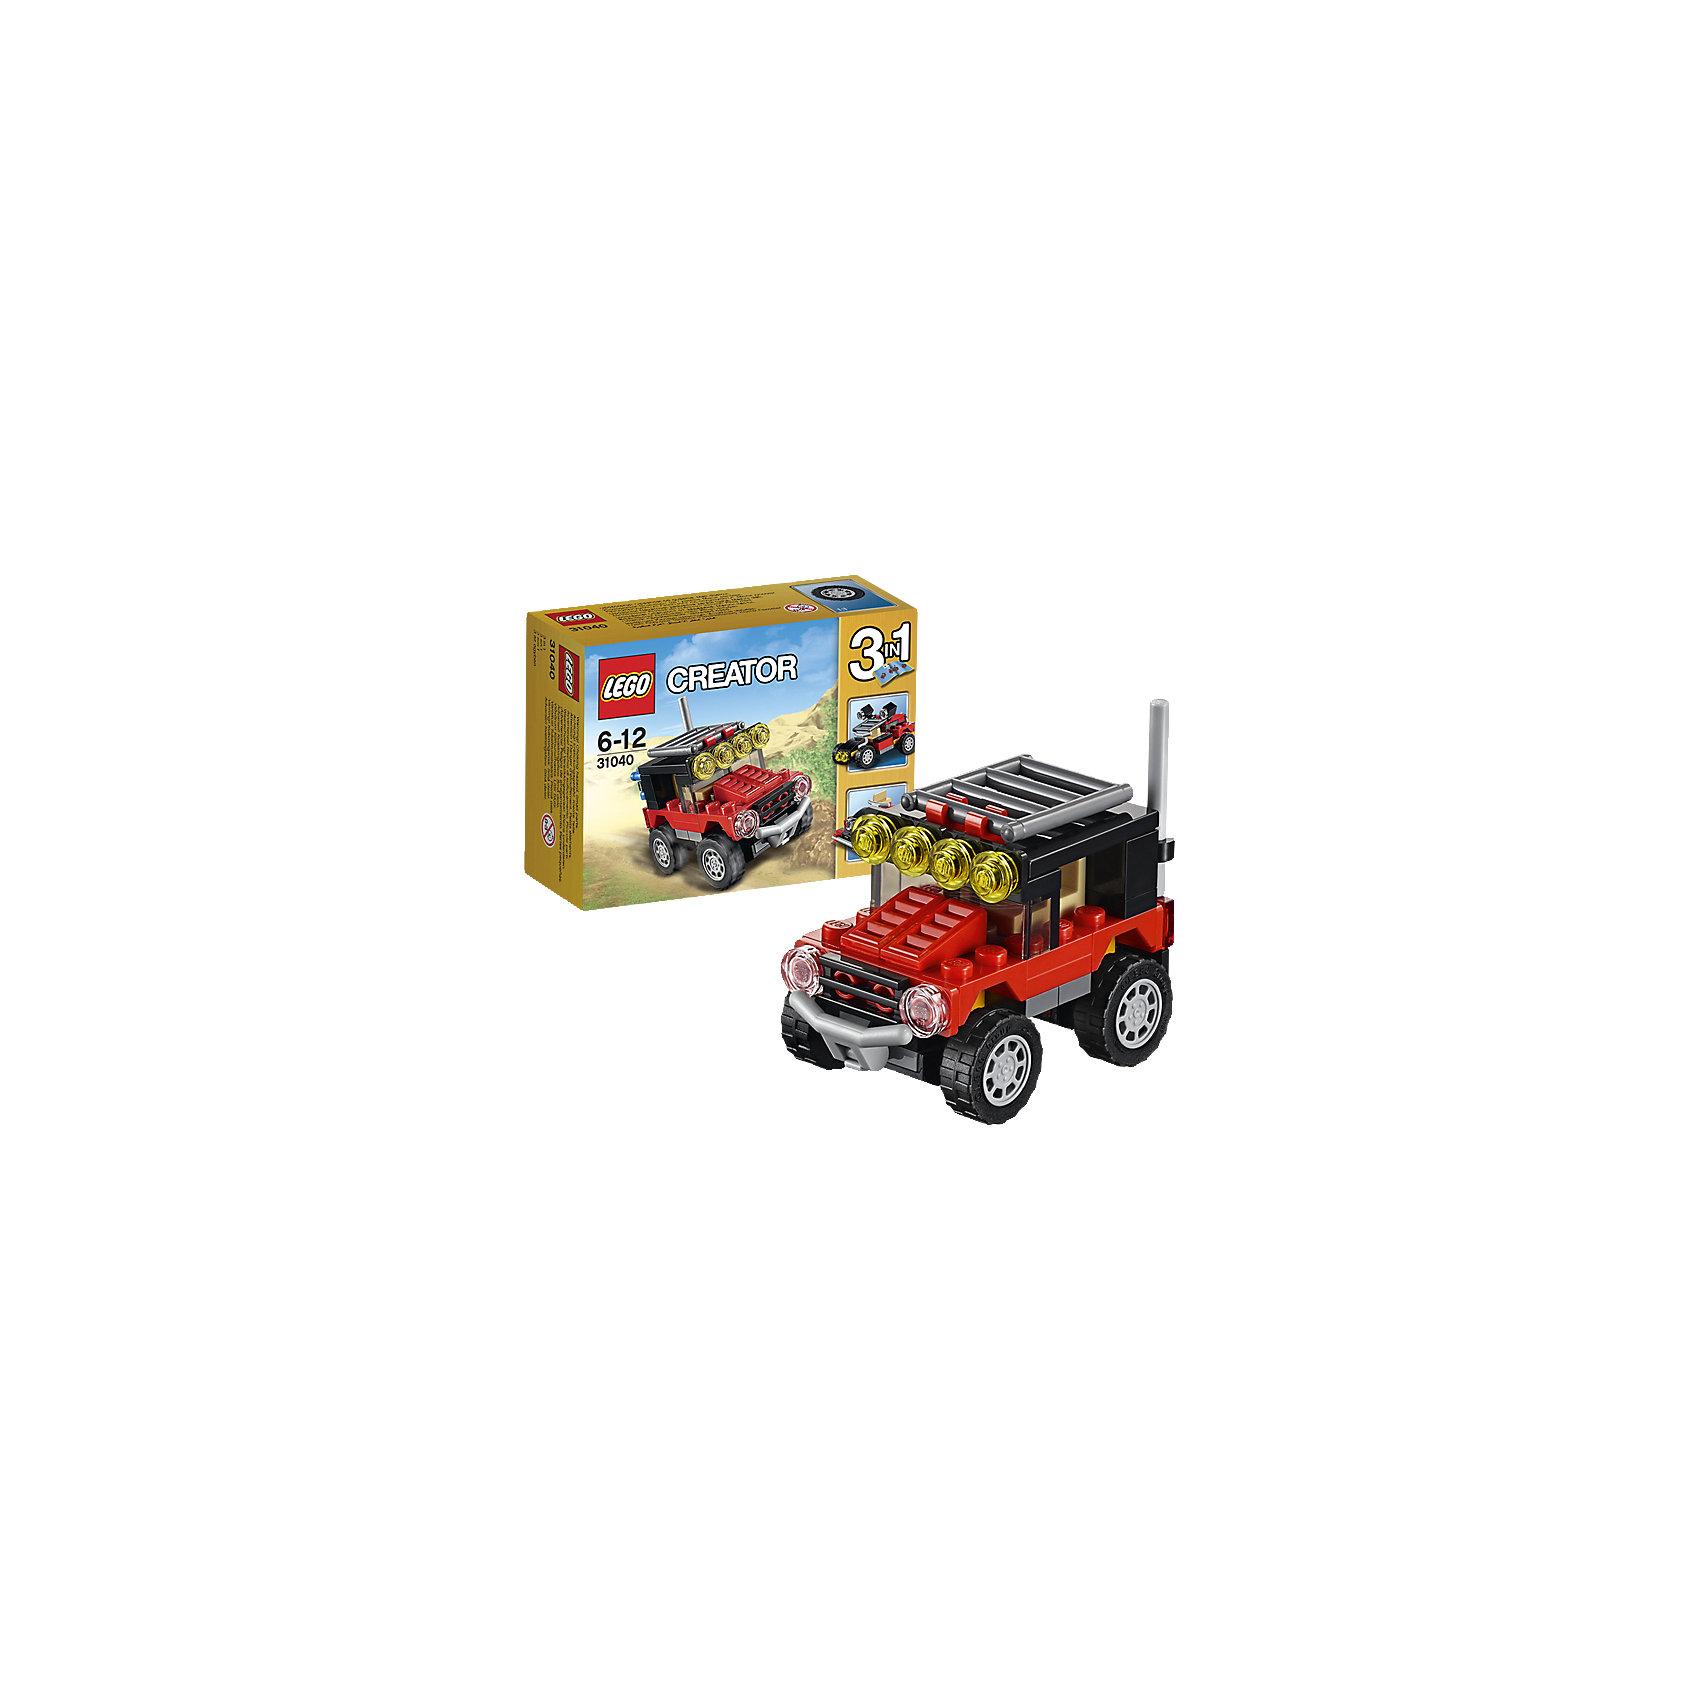 LEGO Creator 31040: Гонки в пустынеОтправляйся в увлекательное путешествие в пустыню на суровом внедорожнике, раскрашенном в крутые цвета: красный, черный и коричневый и оснащённом желтыми фонарями, антенной, дополнительным бампером и большими шинами с глубоким протектором. Забирайся в кабину и испытай этот мощный внедорожник! Когда будешь готов к очередной задаче, перестрой его в удивительный багги для езды по песку или в мощный полноприводный автомобиль.<br><br>LEGO Creator (Лего Криэйтор) - серия конструкторов Лего, с помощью которых можно создать самые невероятные и детализированные постройки, оригинальных героев, необыкновенные транспортные средства. Из деталей одного набора можно построить несколько разных моделей. С конструкторами Лего Криэйтор ребёнок сможет каждый день придумывать новые игровые сюжеты, создавать фантастический мир, воплощая фантазии в реальность.  <br><br>Дополнительная информация:<br><br>- Конструкторы ЛЕГО развивают усидчивость, внимание, фантазию и мелкую моторику. <br>- Комплектация: автомобиль.<br>- Количество деталей: 65.<br>- Серия LEGO Creator (Лего Криэйтор).<br>- Материал: пластик.<br>- Размер упаковки: 12х4,7х9 см.<br>- Вес: 0.075 кг.<br><br>LEGO Creator 31040: Гонки в пустыне можно купить в нашем магазине.<br><br>Ширина мм: 122<br>Глубина мм: 93<br>Высота мм: 48<br>Вес г: 68<br>Возраст от месяцев: 72<br>Возраст до месяцев: 144<br>Пол: Мужской<br>Возраст: Детский<br>SKU: 4259023